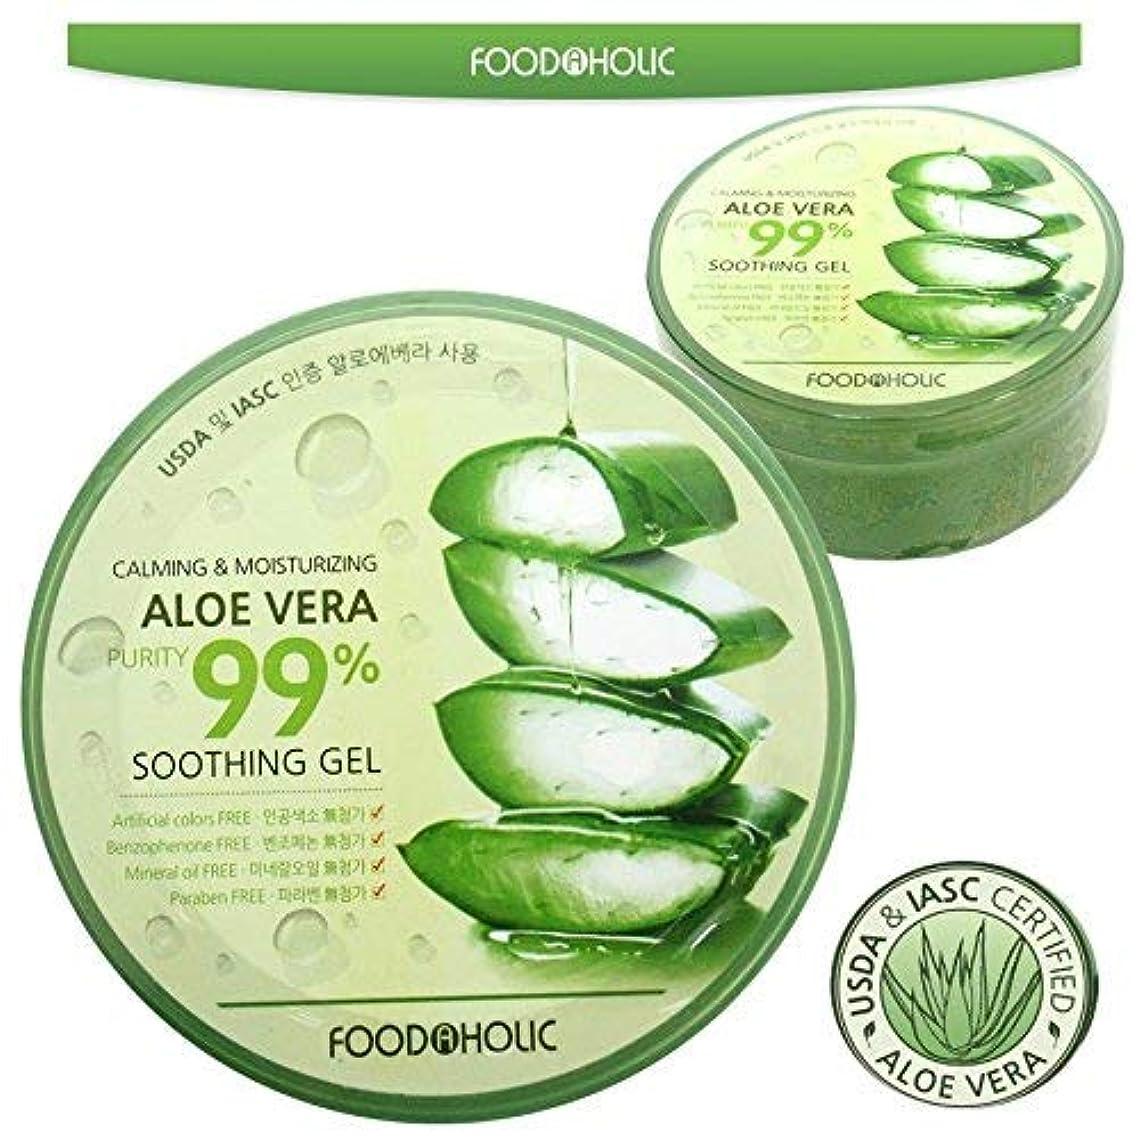 厳密にまっすぐイベント[FOOD A HOLIC] 穏やかな&保湿アロエベラ純度は99%スージングジェル(300ml * 1EA) / Calming & Moisturizing Aloe Vera Purity 99% Soothing...